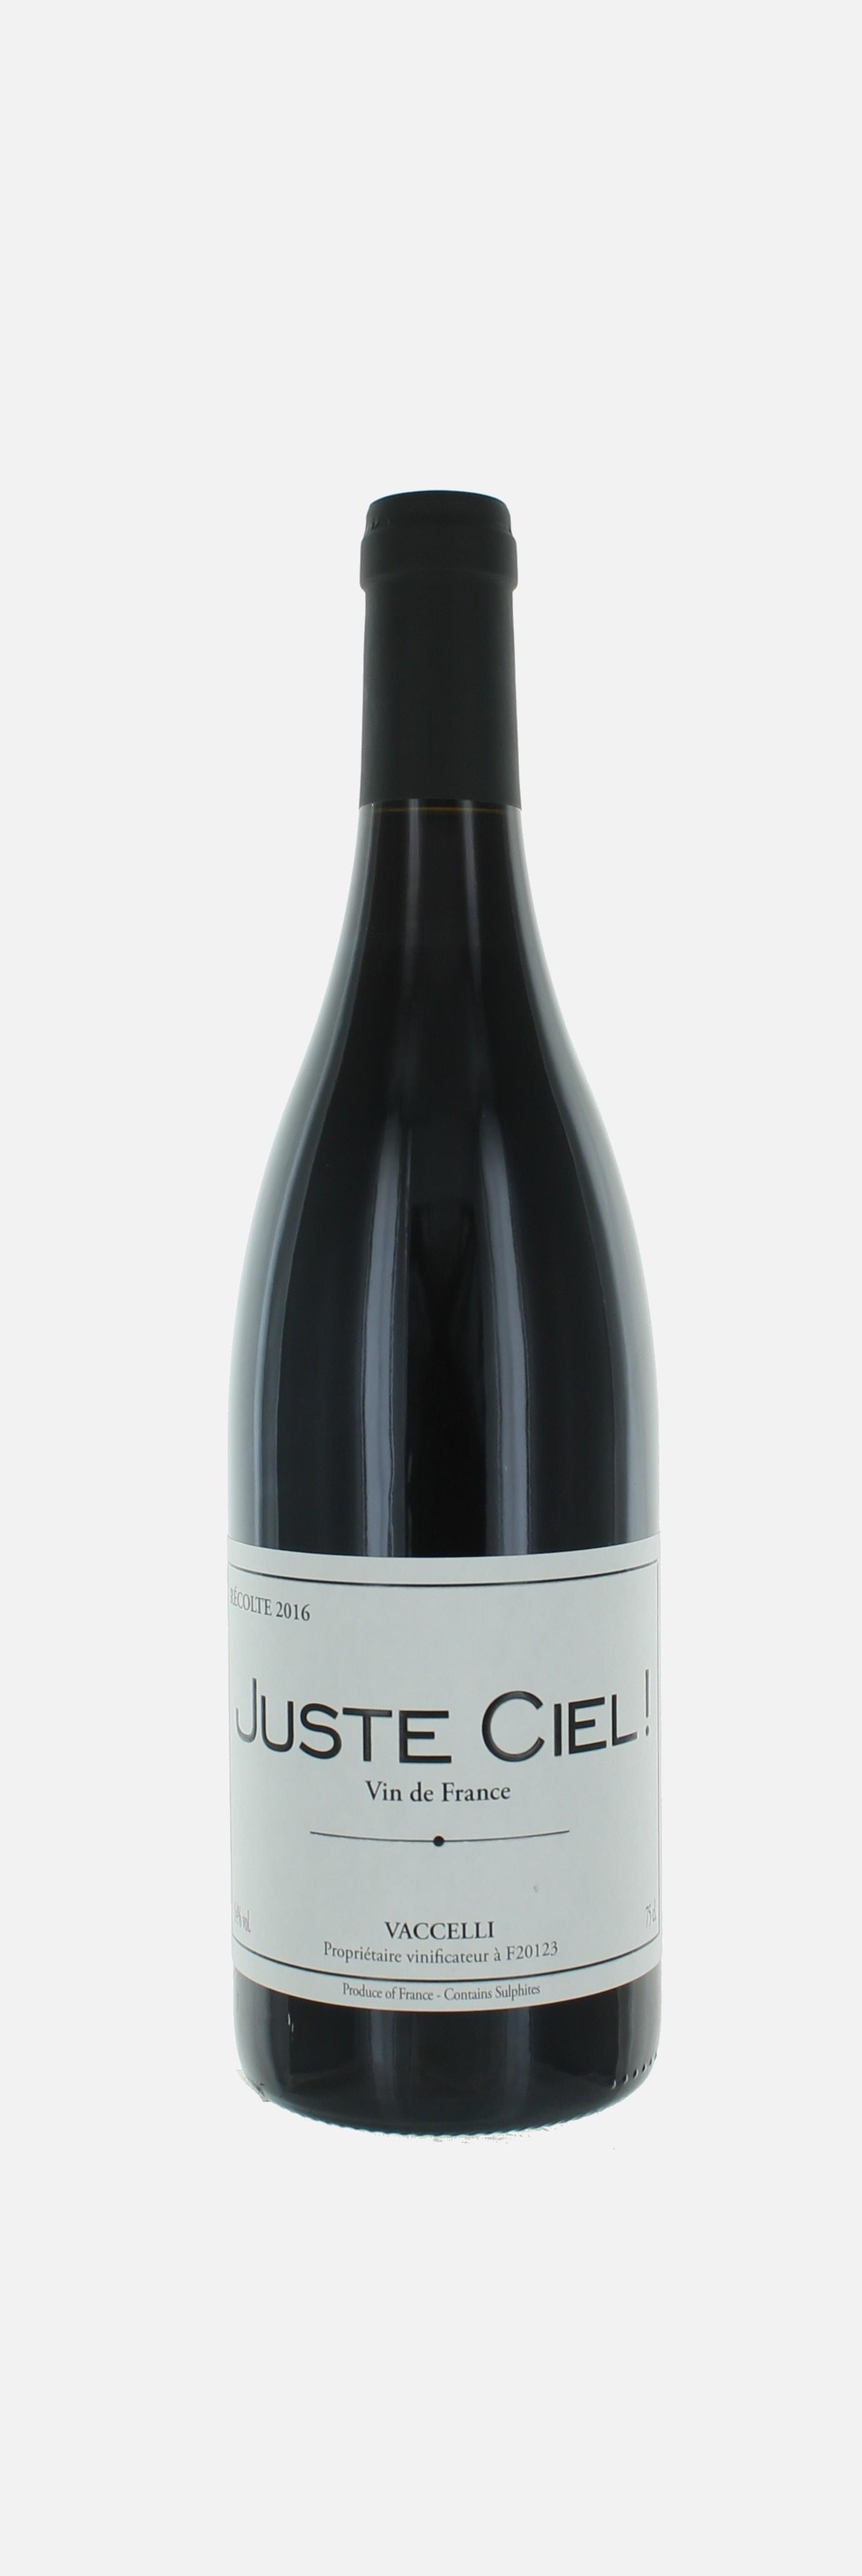 Juste Ciel, Vin de France, Domaine de Vacelli